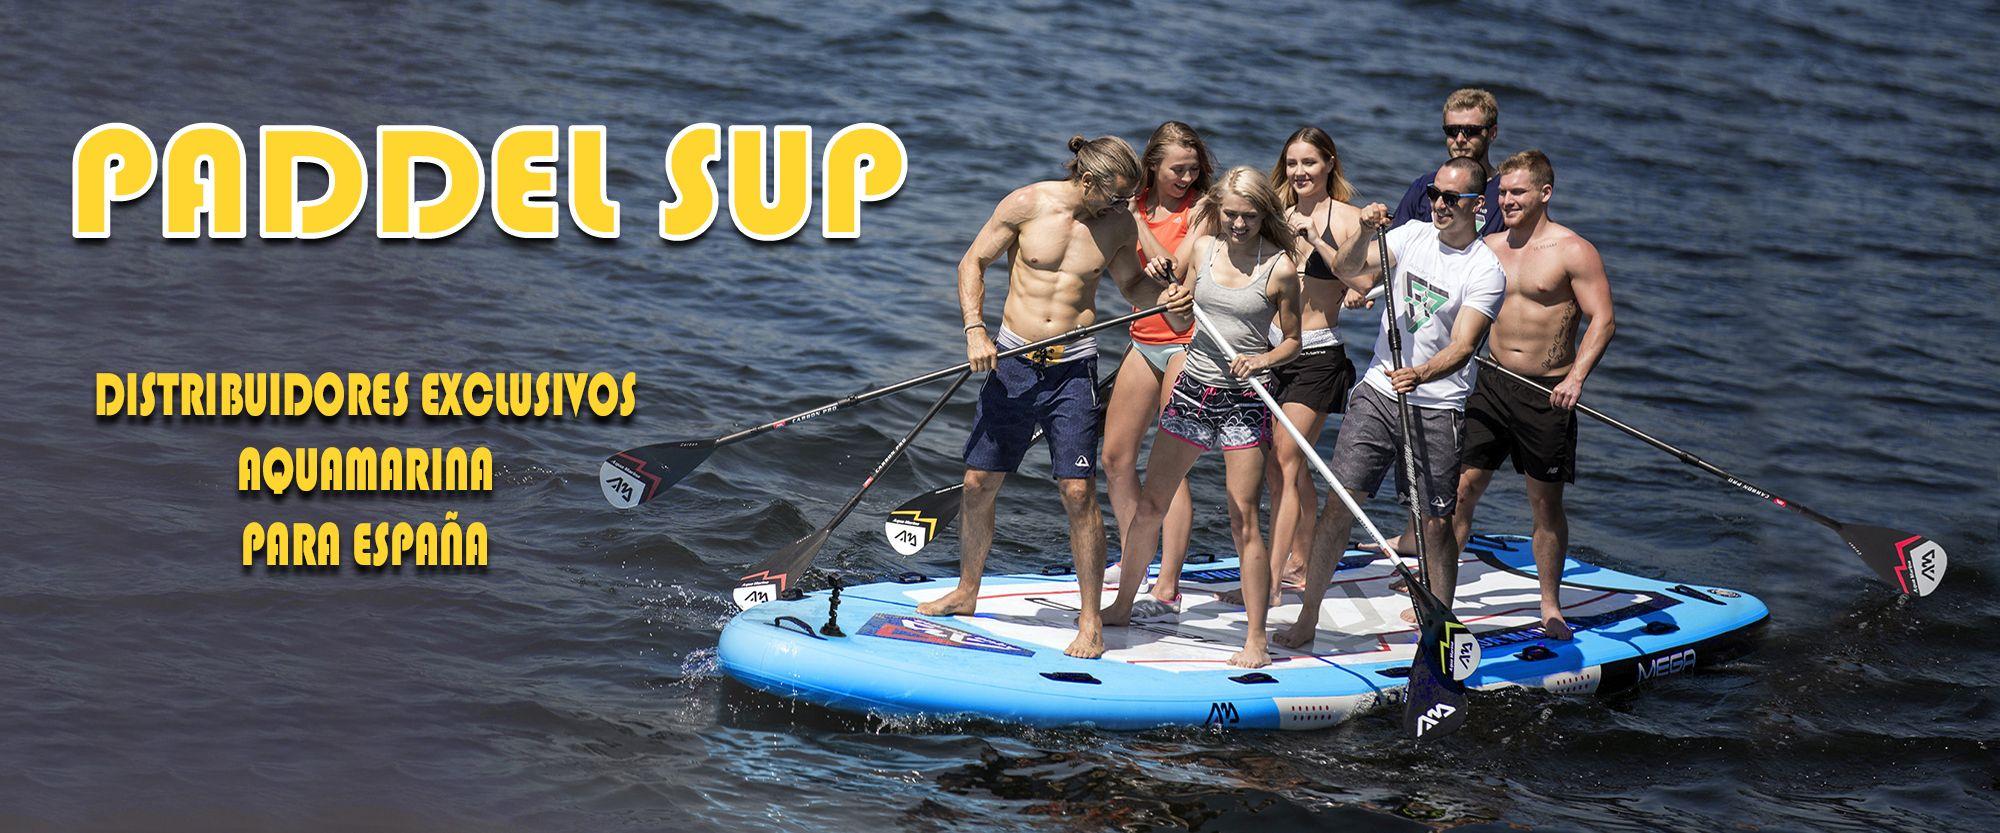 Tienda Online de kayaks